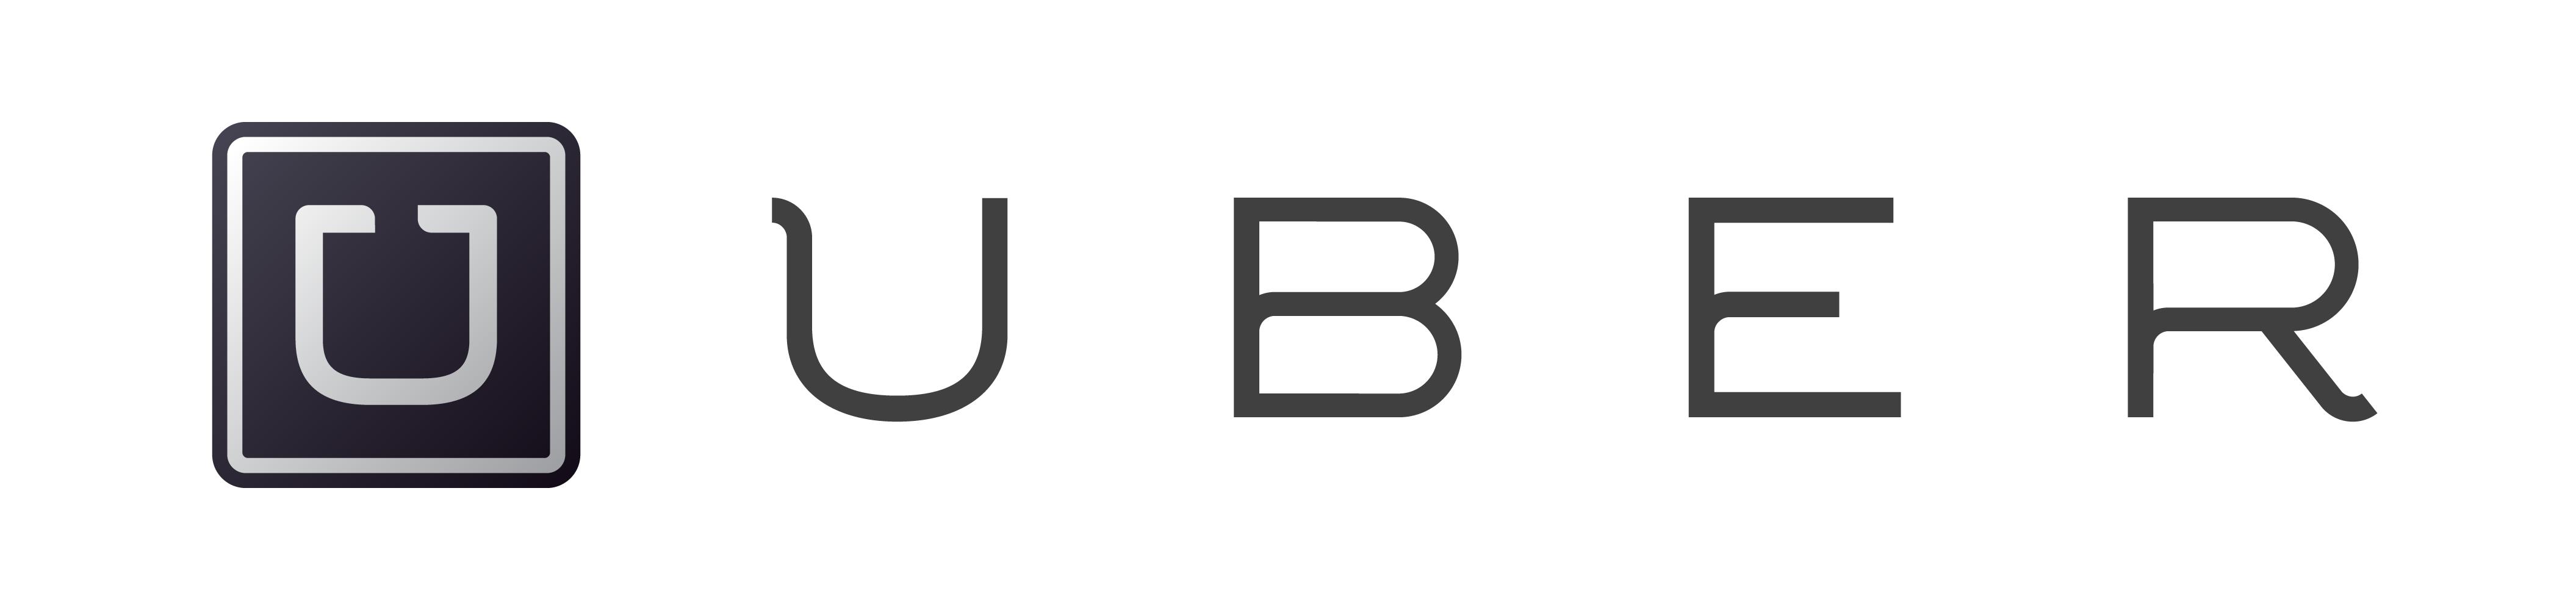 Risultati immagini per UBER